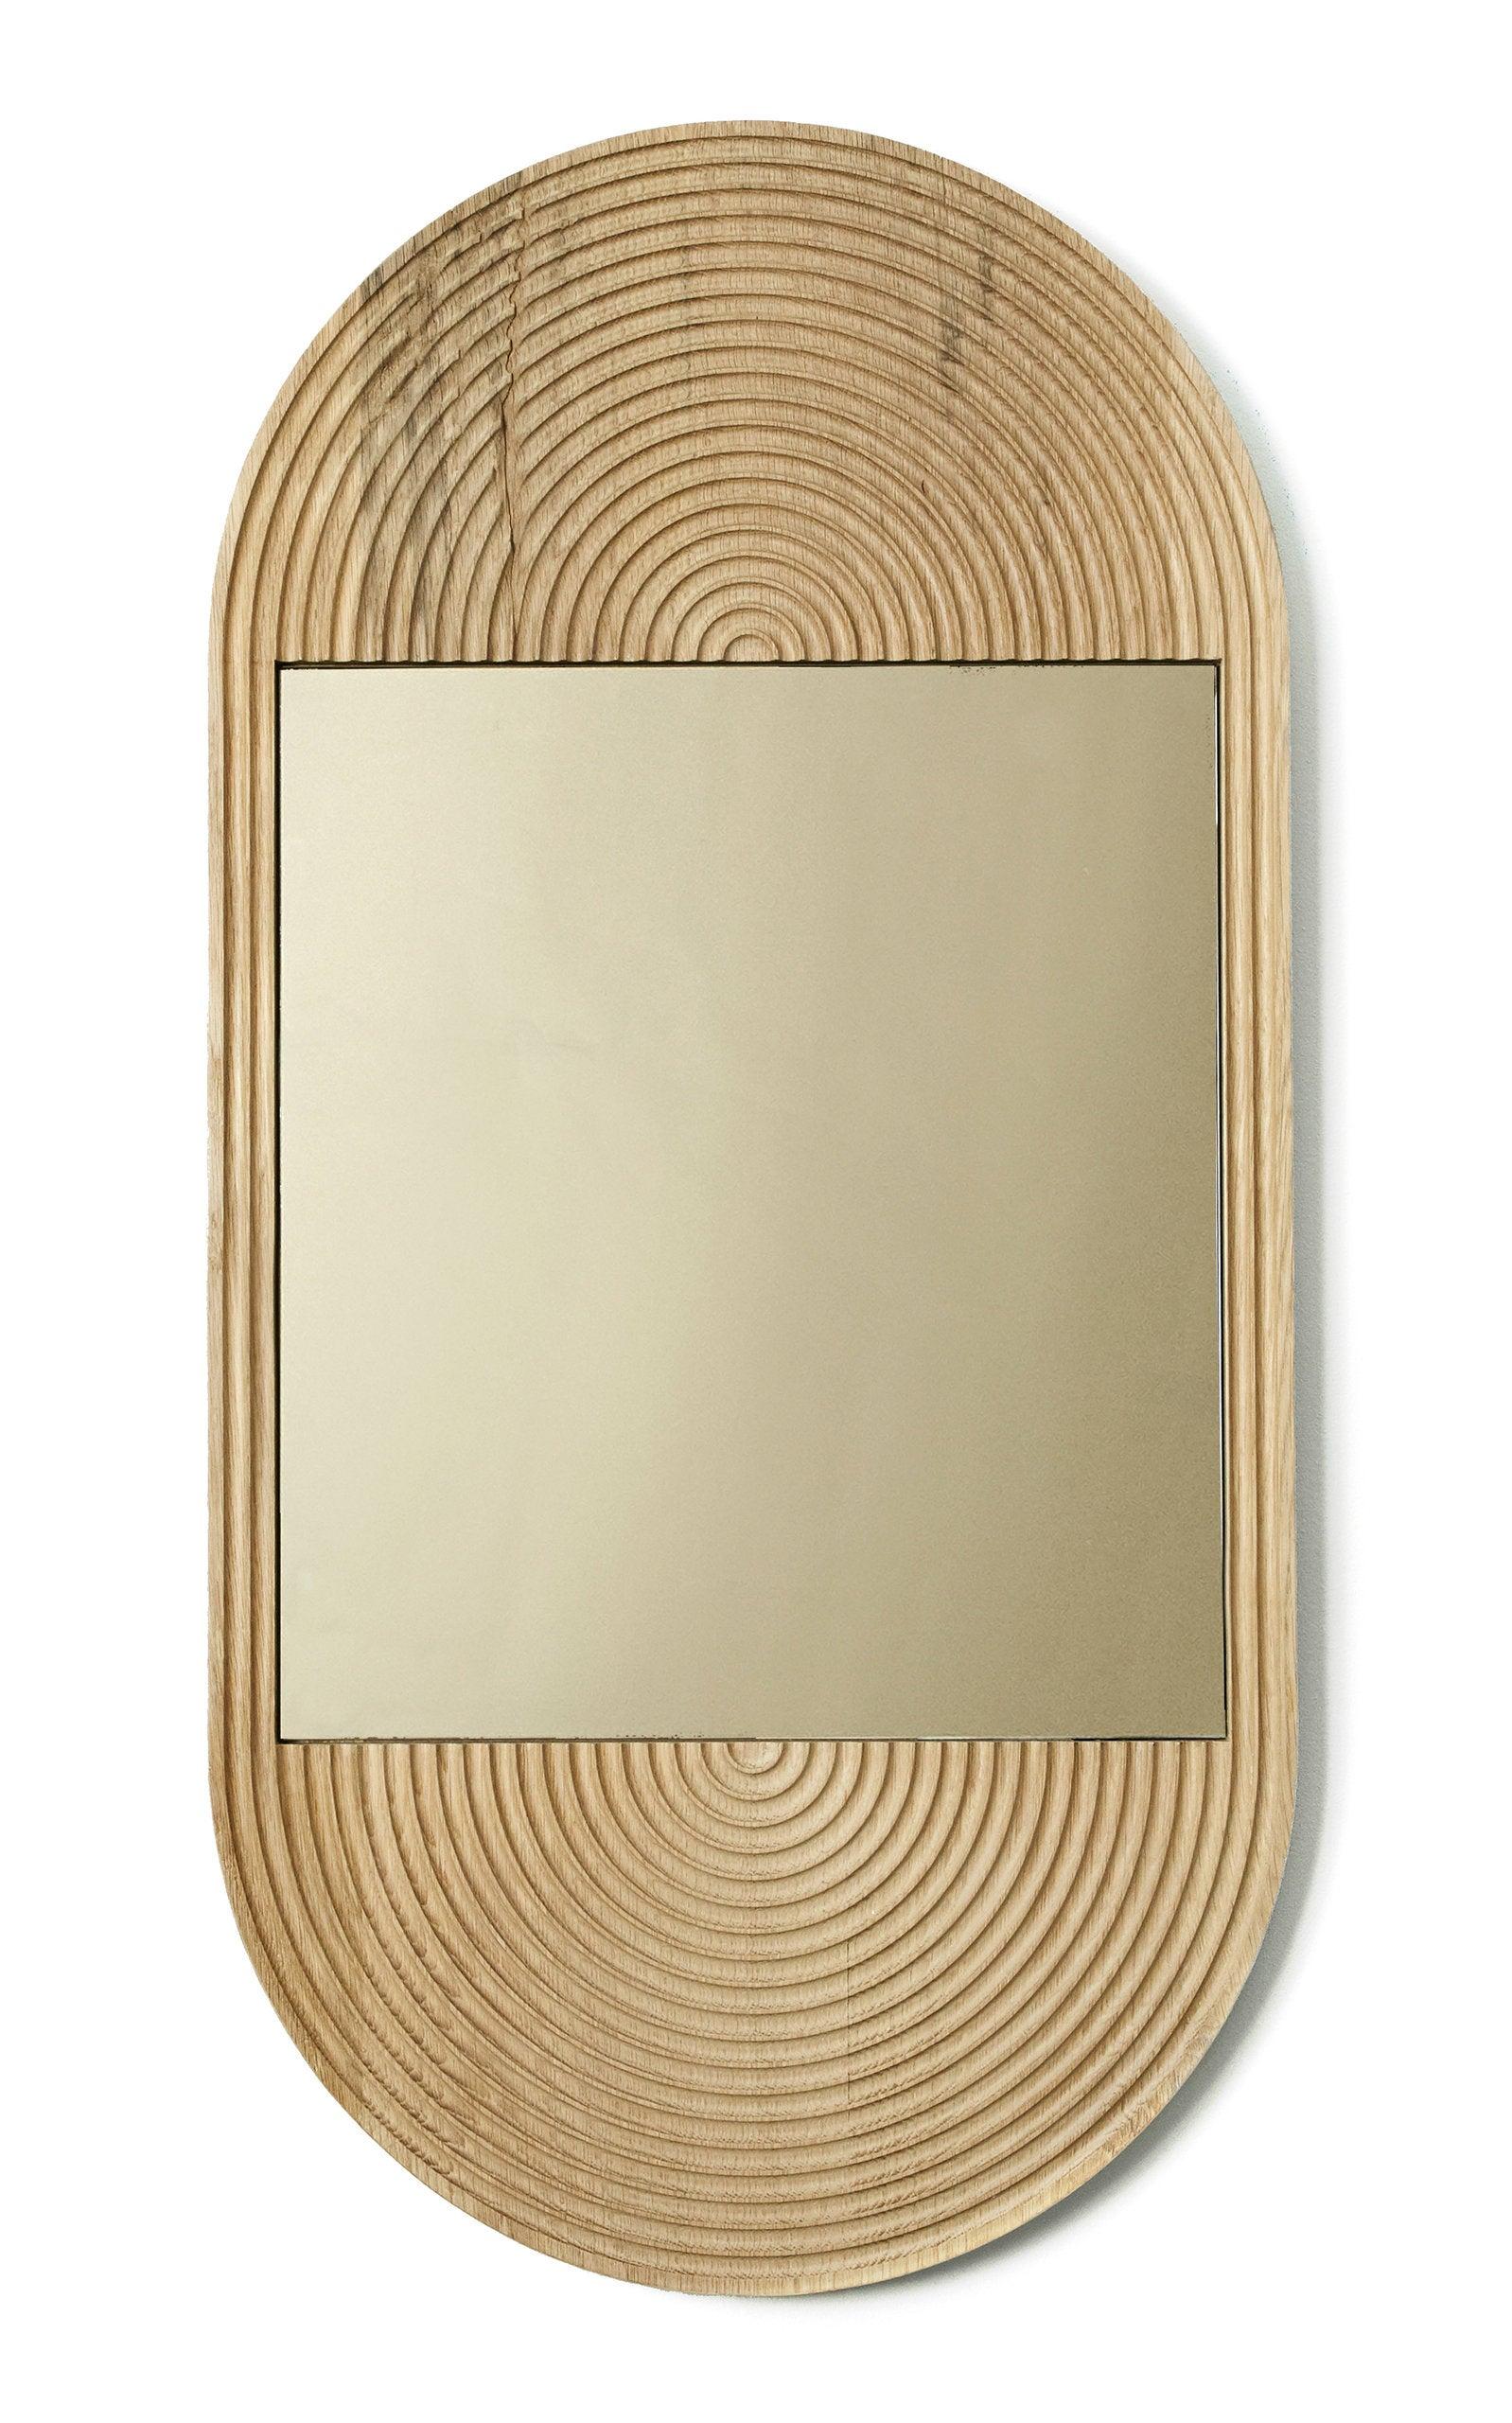 large_coil-drift-multi-june-mirror-2